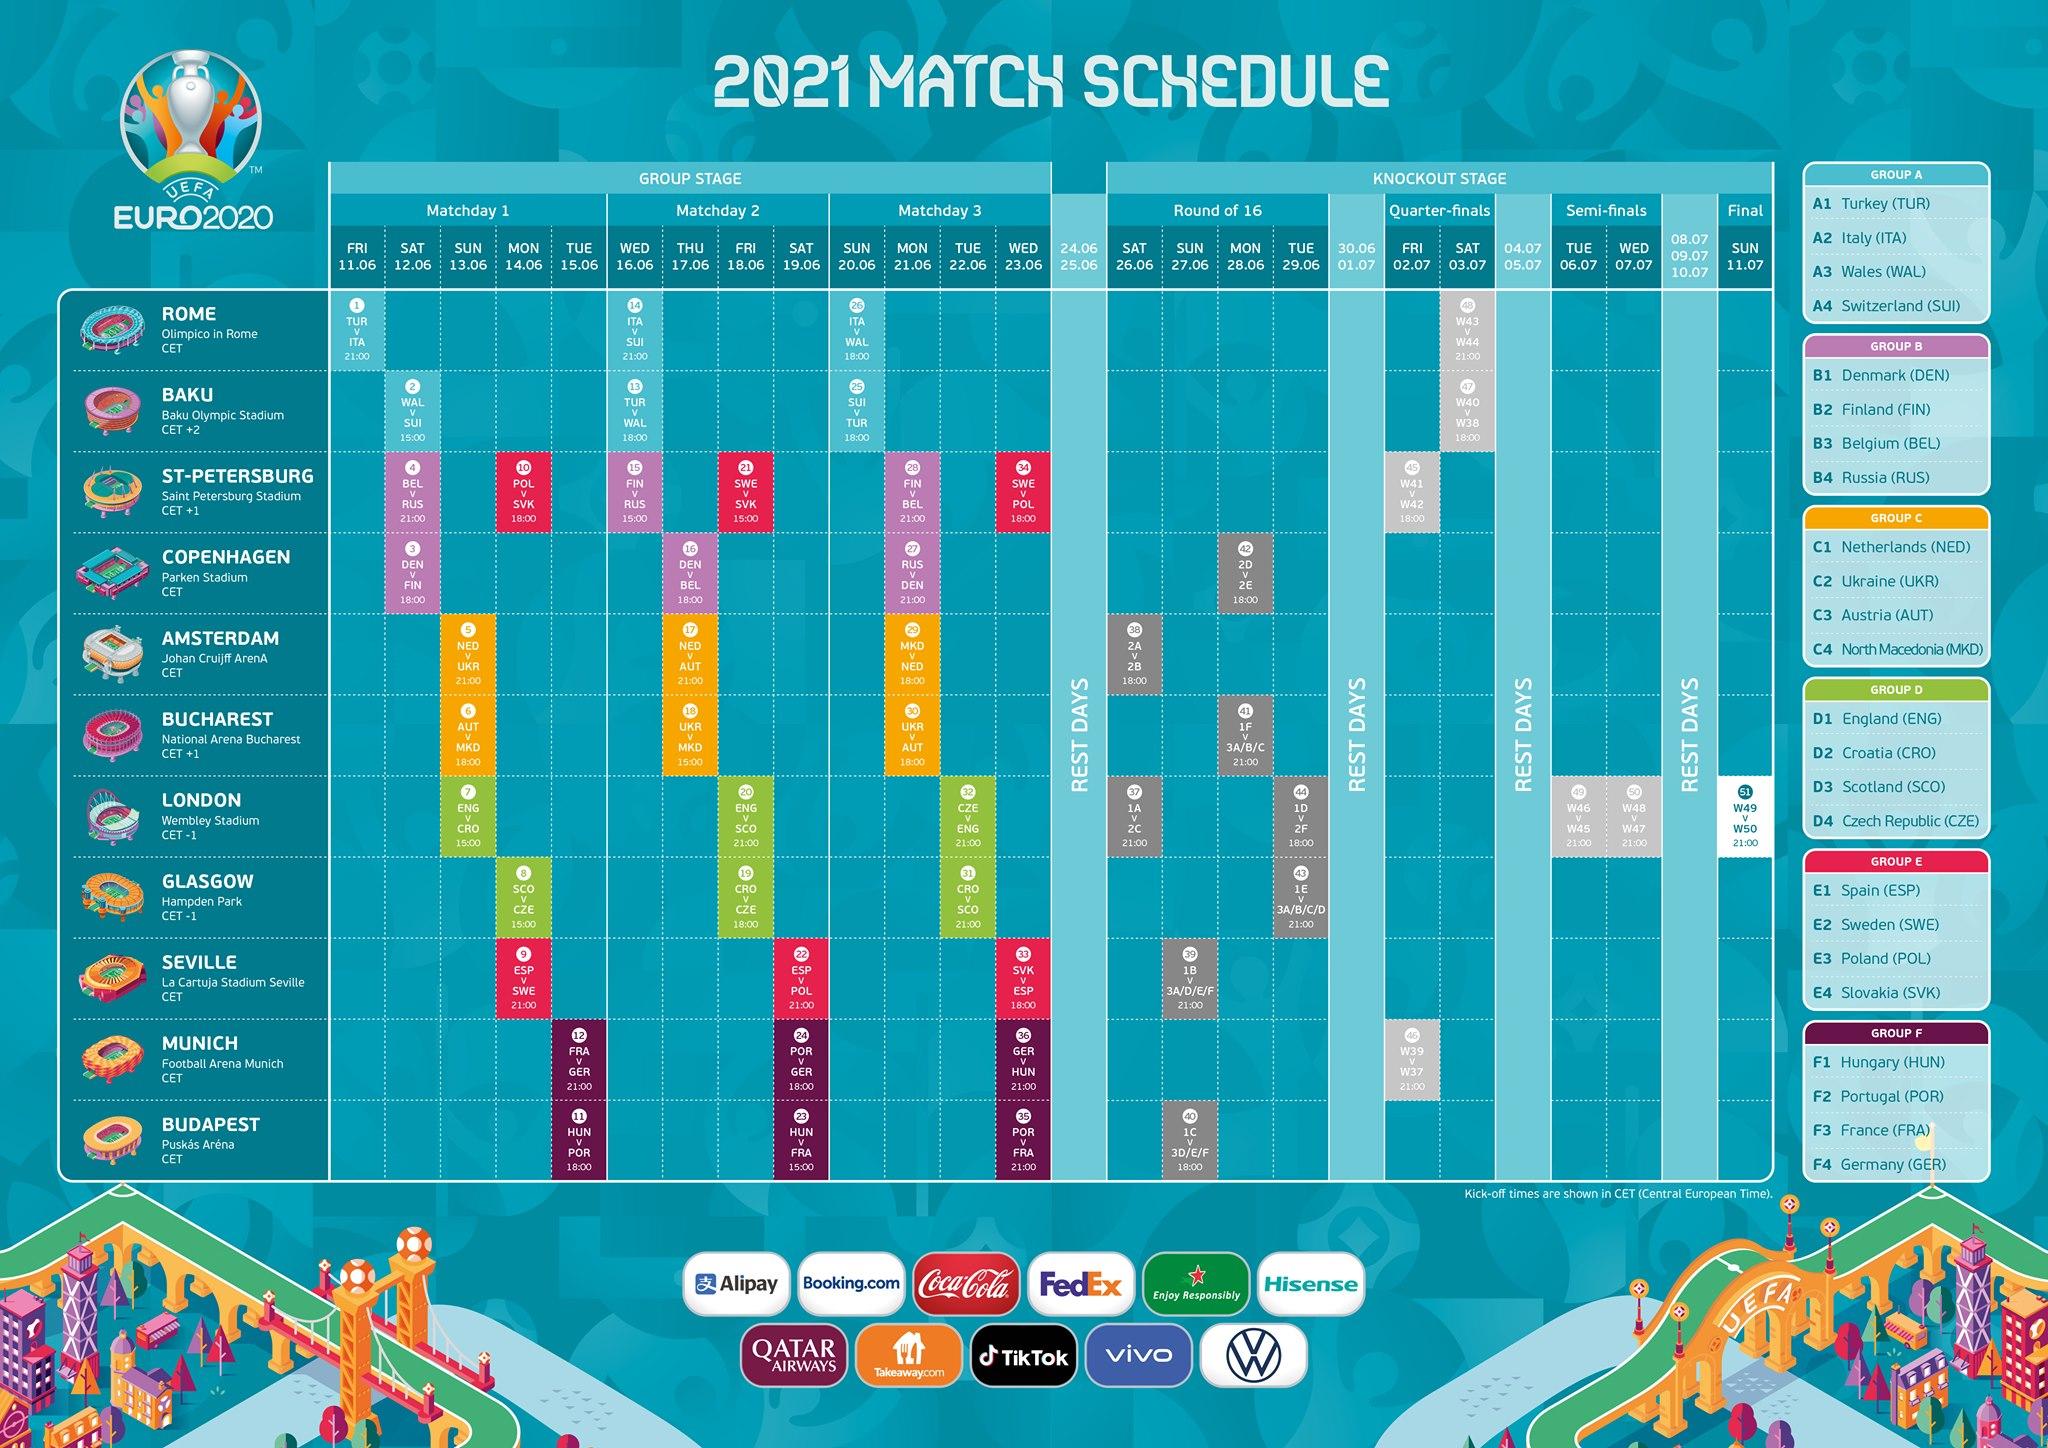 ตาราง โปรแกรม การแข่งขัน ฟุตบอล ยูโร 2020 9sports